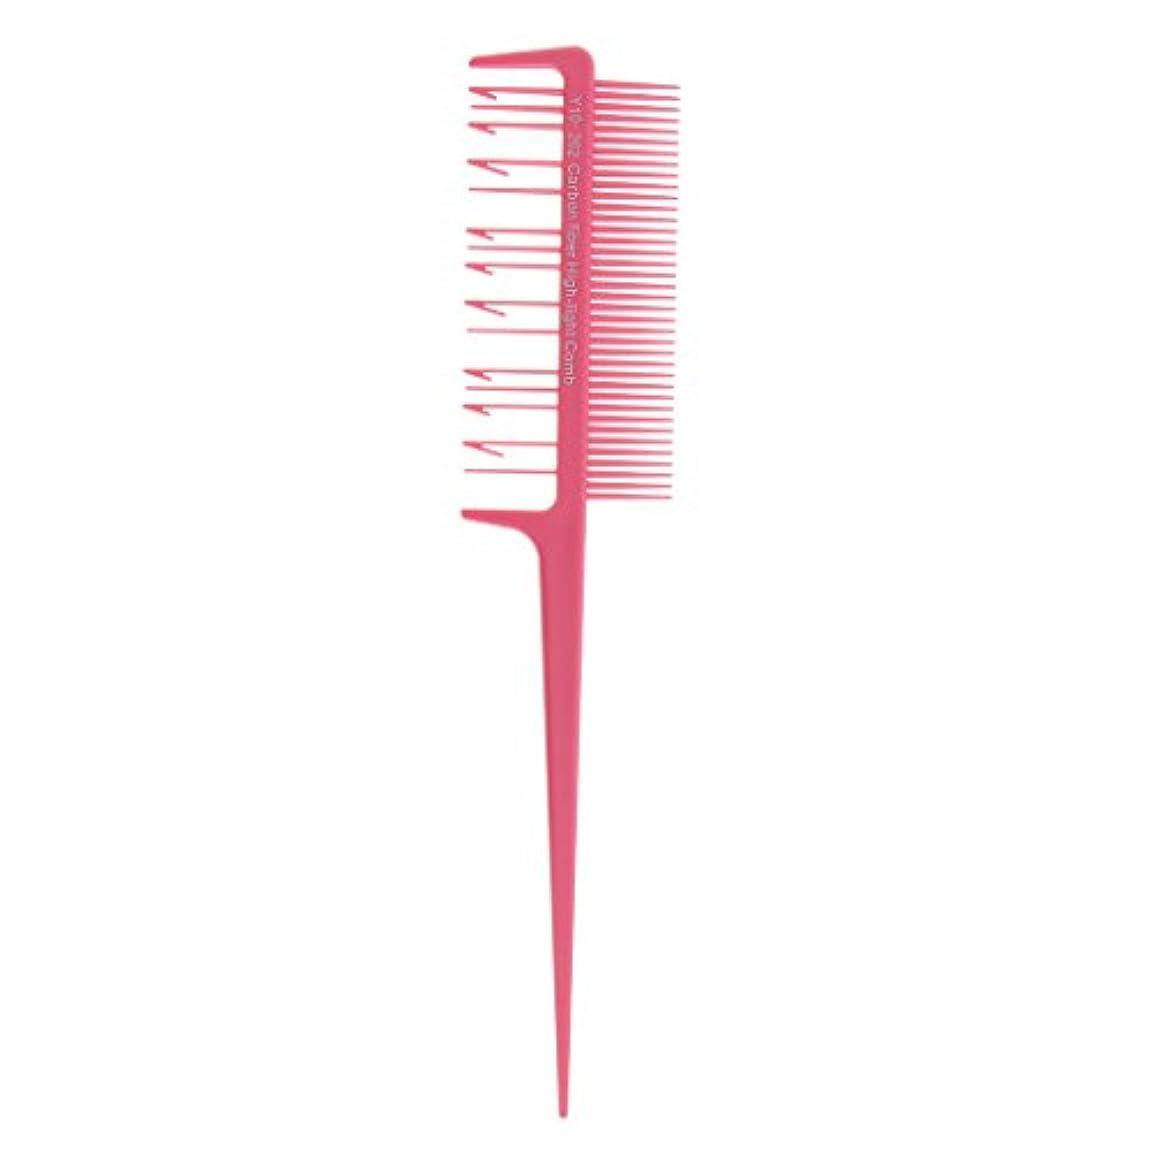 定説助言のれんToygogo プラスチック ヘアダイ ブラシ コーム ヘアカラーブラシ ヘアブラシ 櫛 洗浄 簡単 便利 全4色選べる - ピンク, 説明したように